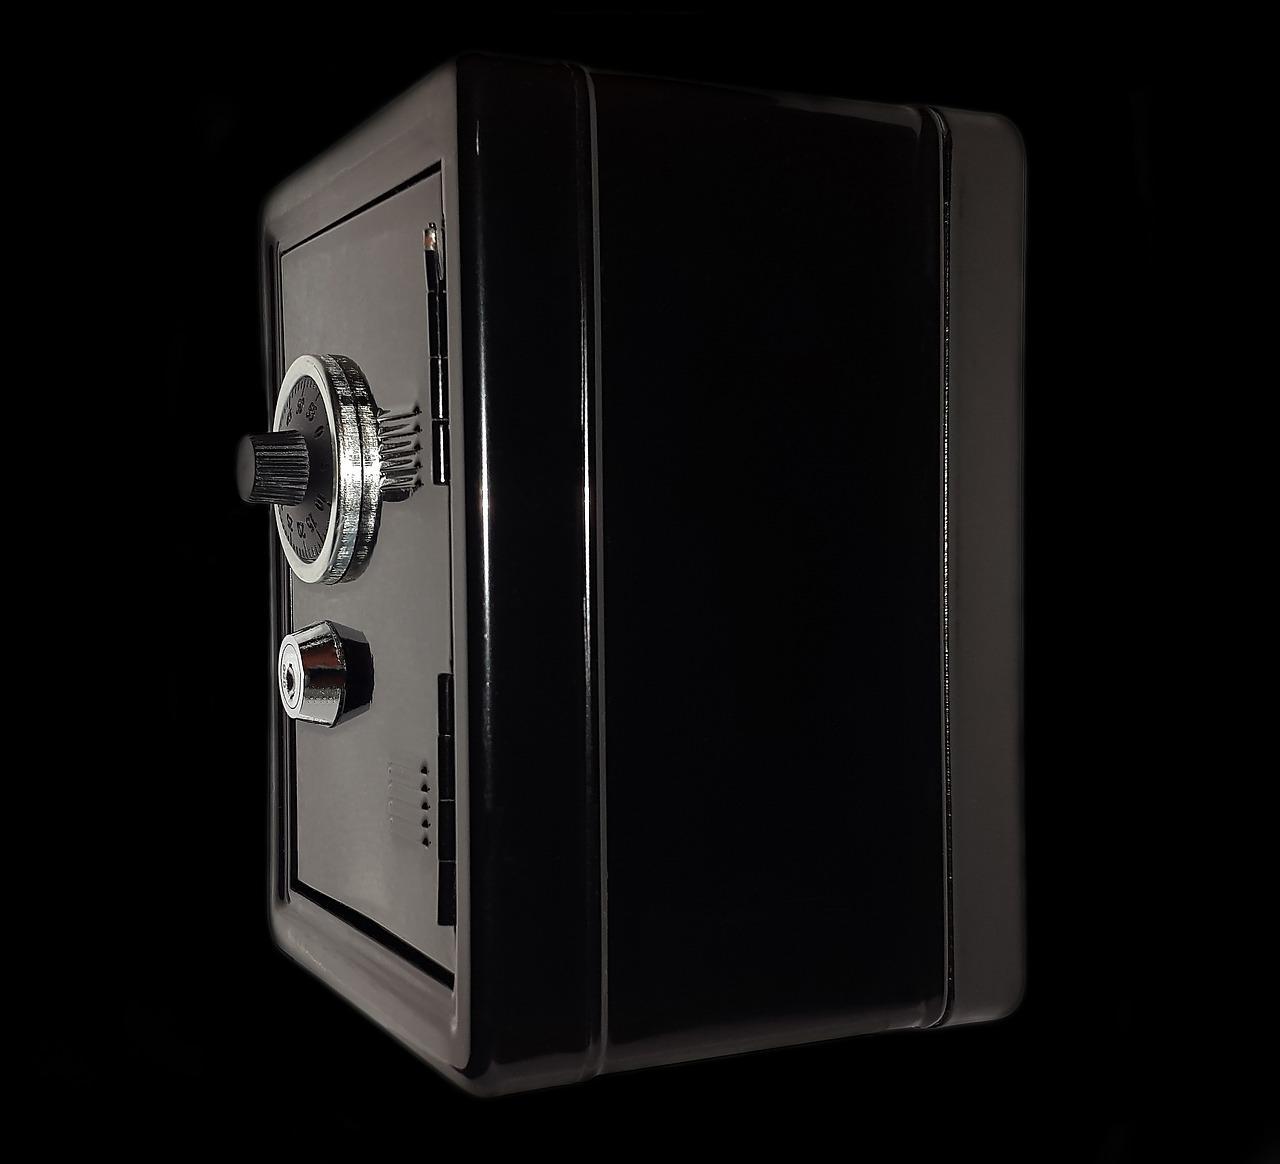 Un serrurier sait-il ouvrir un coffre-fort ?